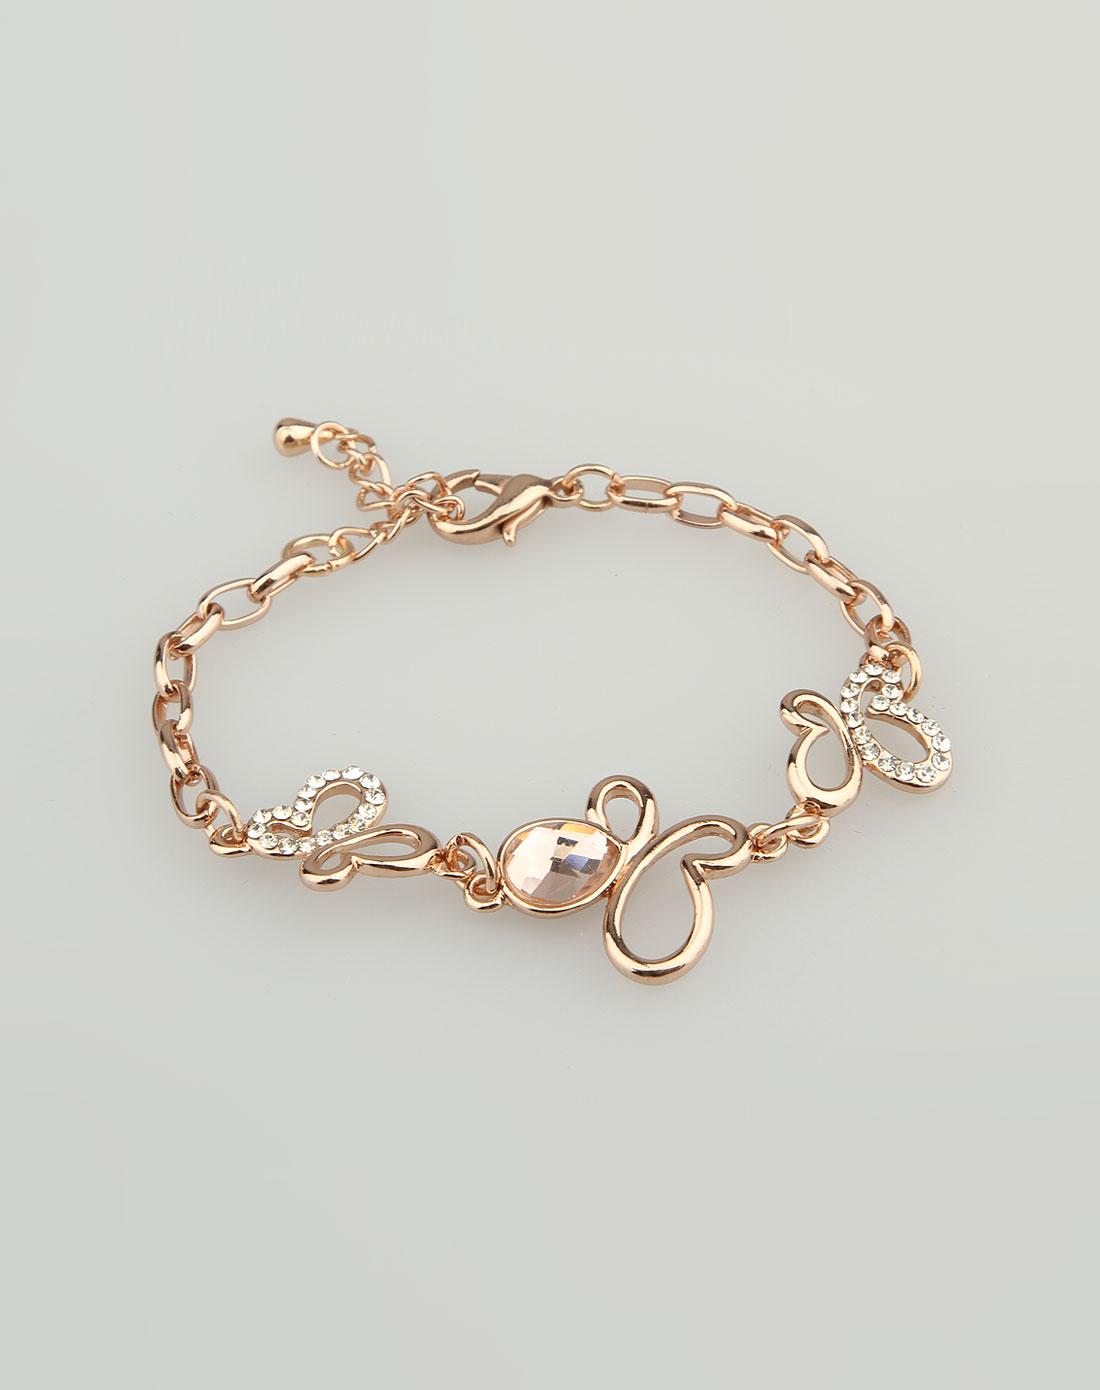 蝴蝶手链的编法图解-蝴蝶结的手链编法视频|清新心形